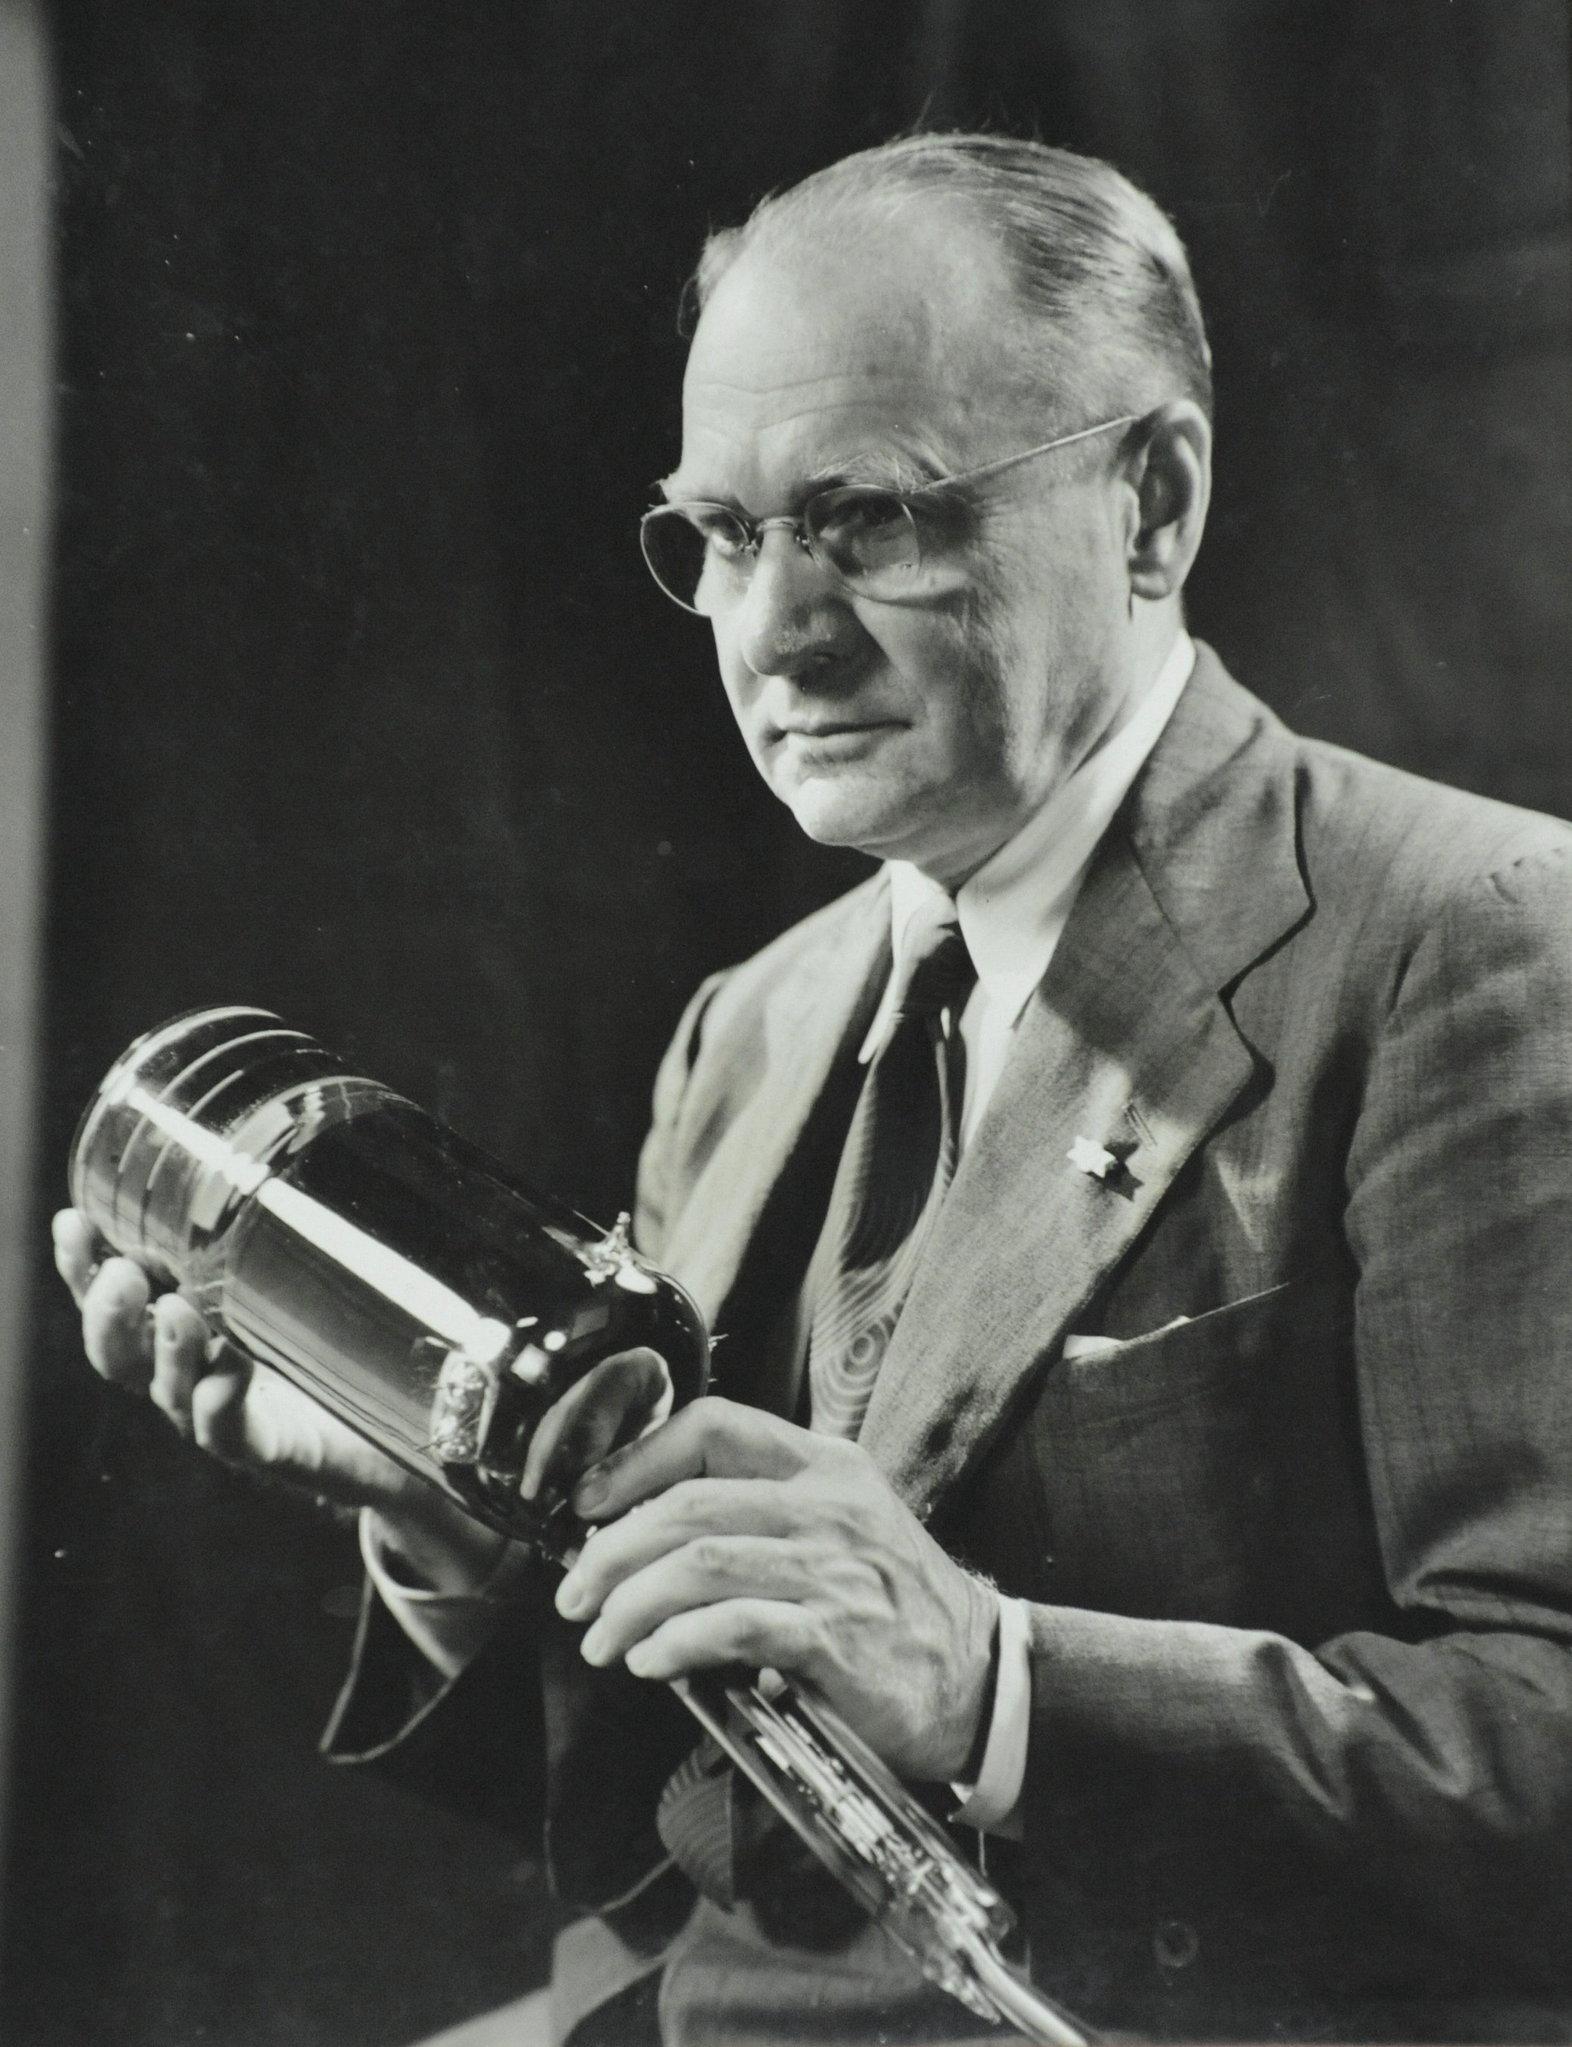 Ученый-изобретатель Владимир Зворыкин с иконоскопом